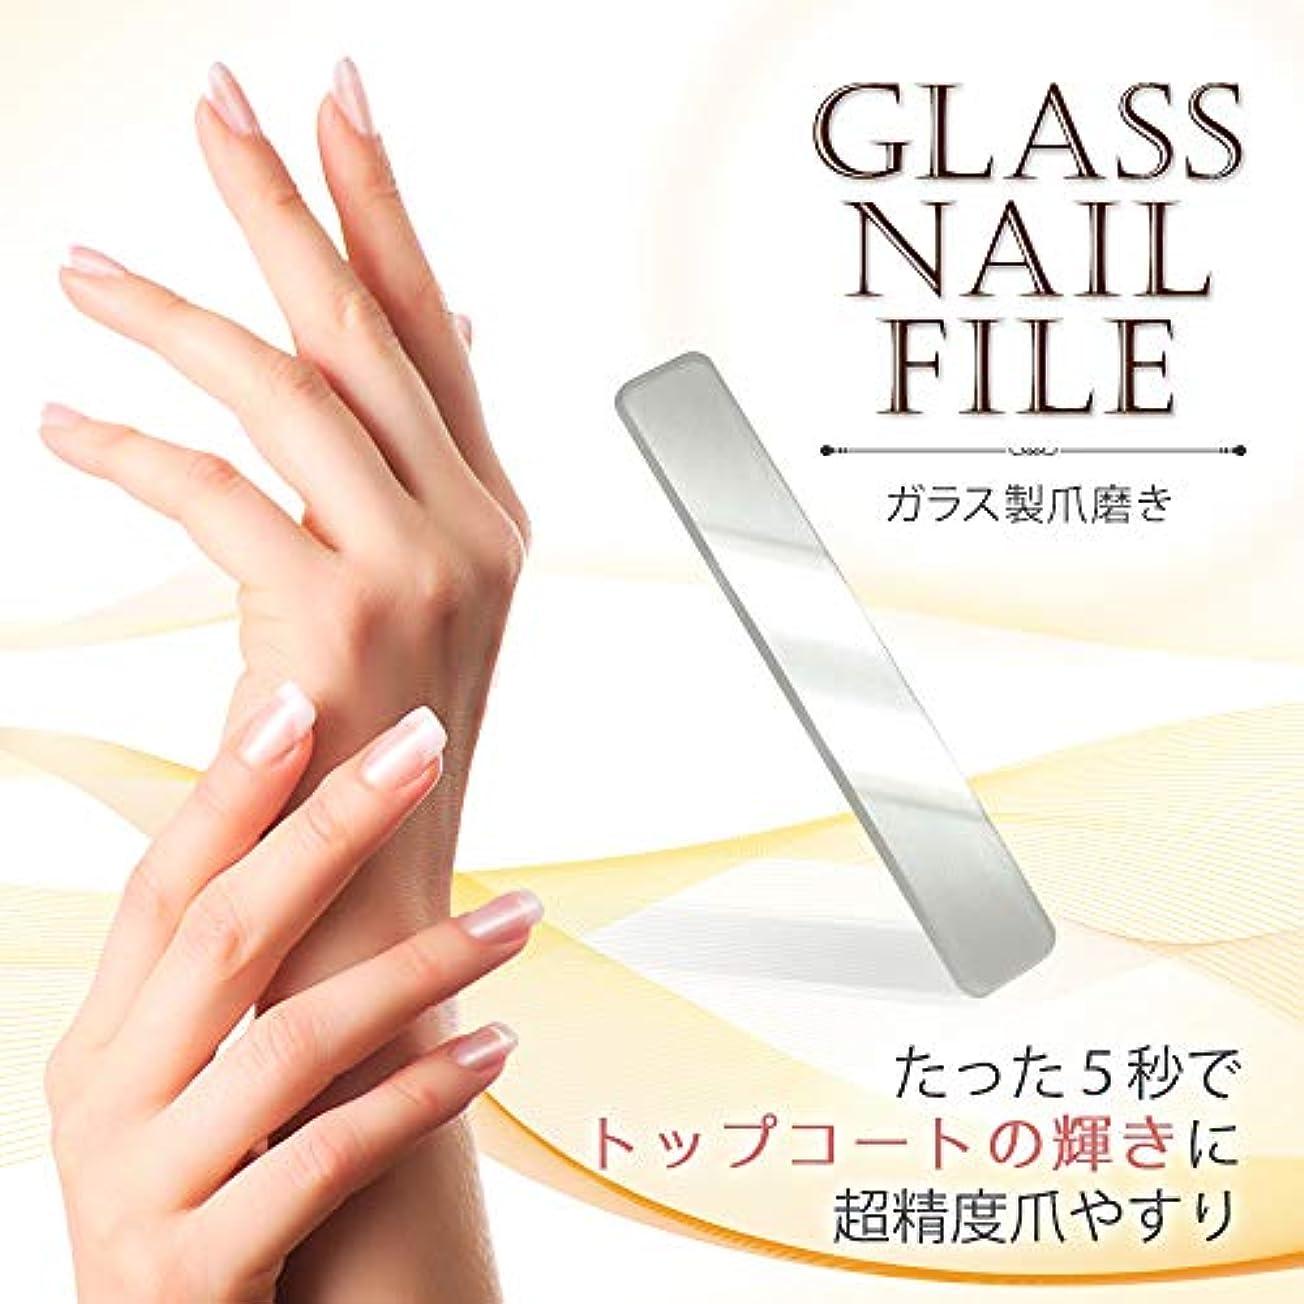 朝食を食べる汗オール5秒で実感 Glass Nail File (ガラス製 爪やすり 爪みがき つめみがき 爪磨き ネイルファイル ネイルシャイナー グラスシャイナー バッファー ネイルケア 爪ケア)